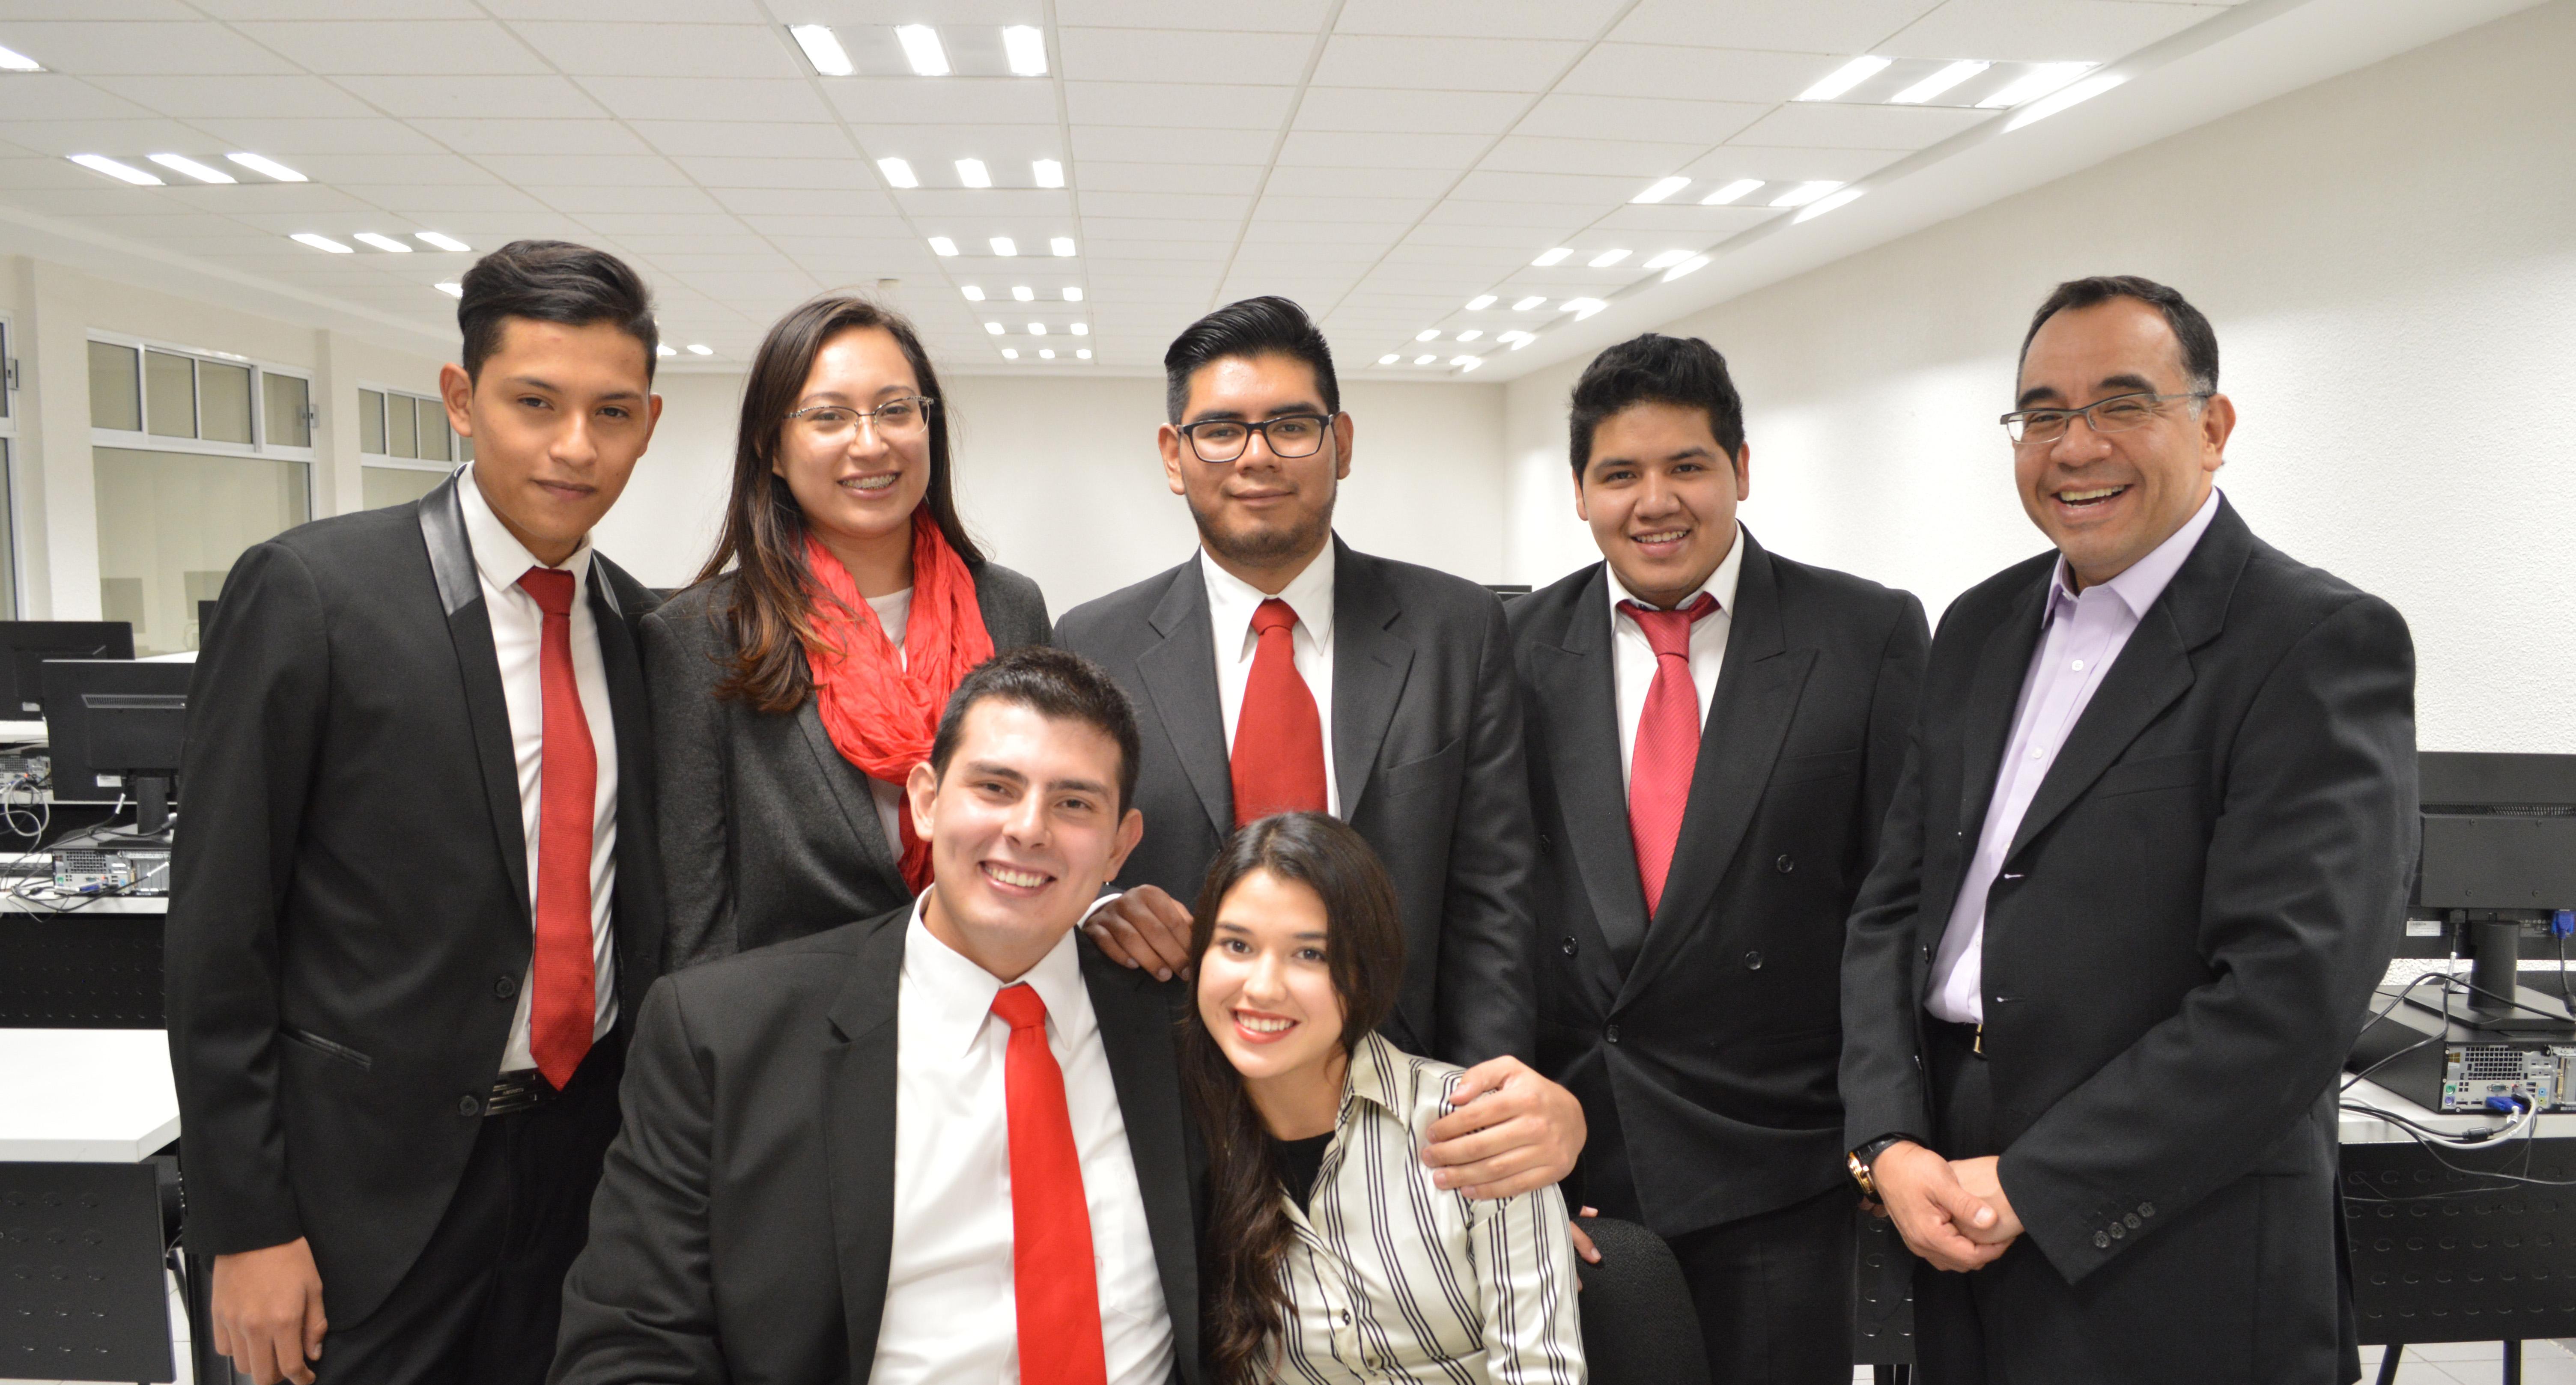 Alumnos de la UNITEC Campus Sur ganan primer lugar en simulador de negocios